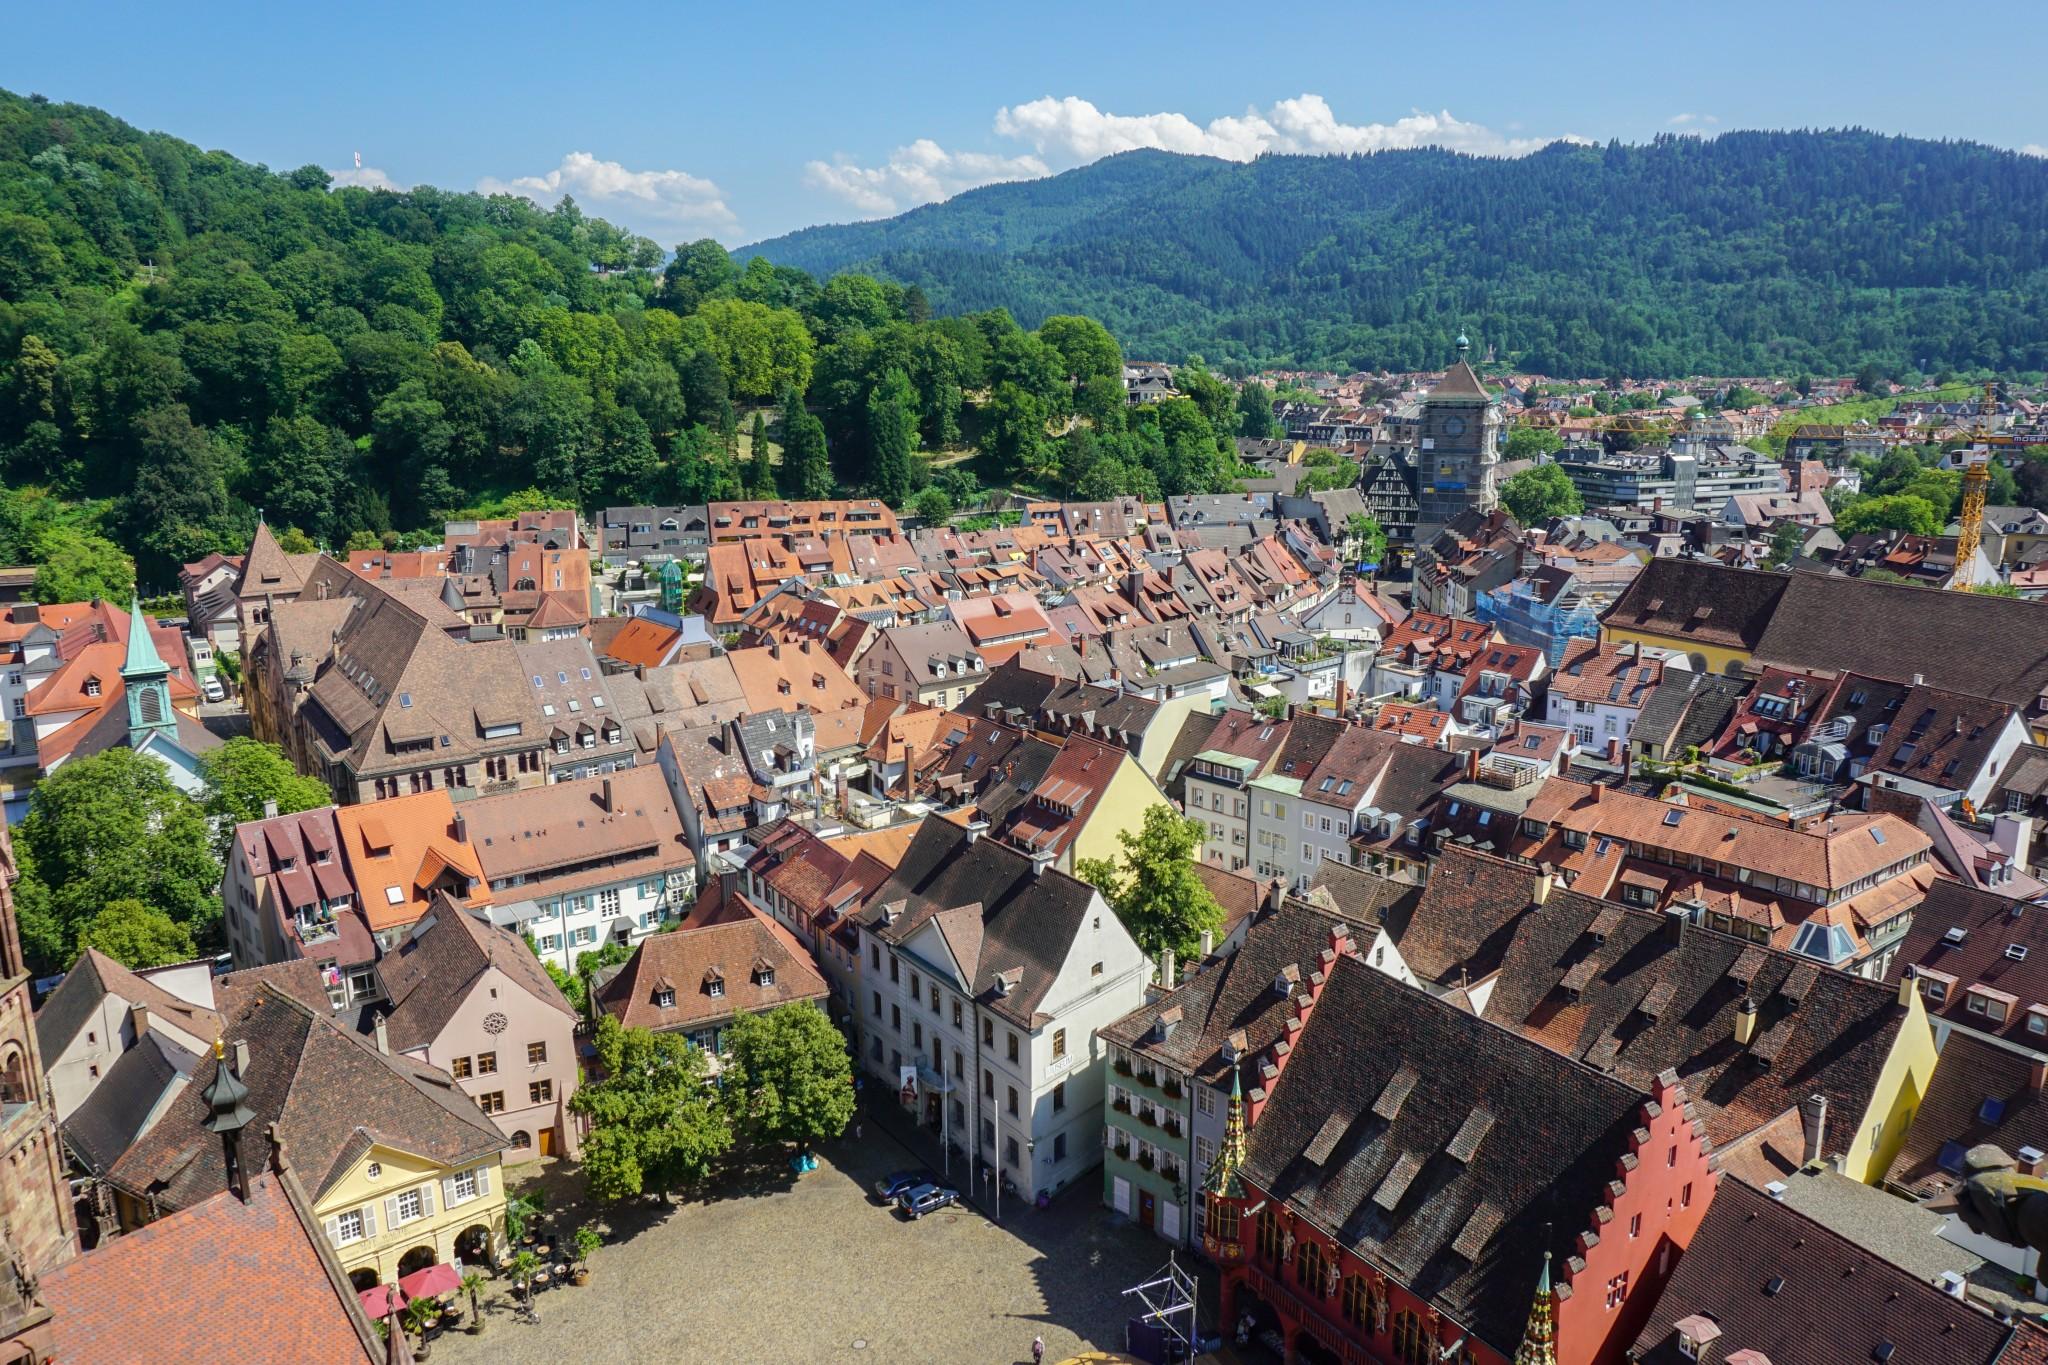 Freigburg